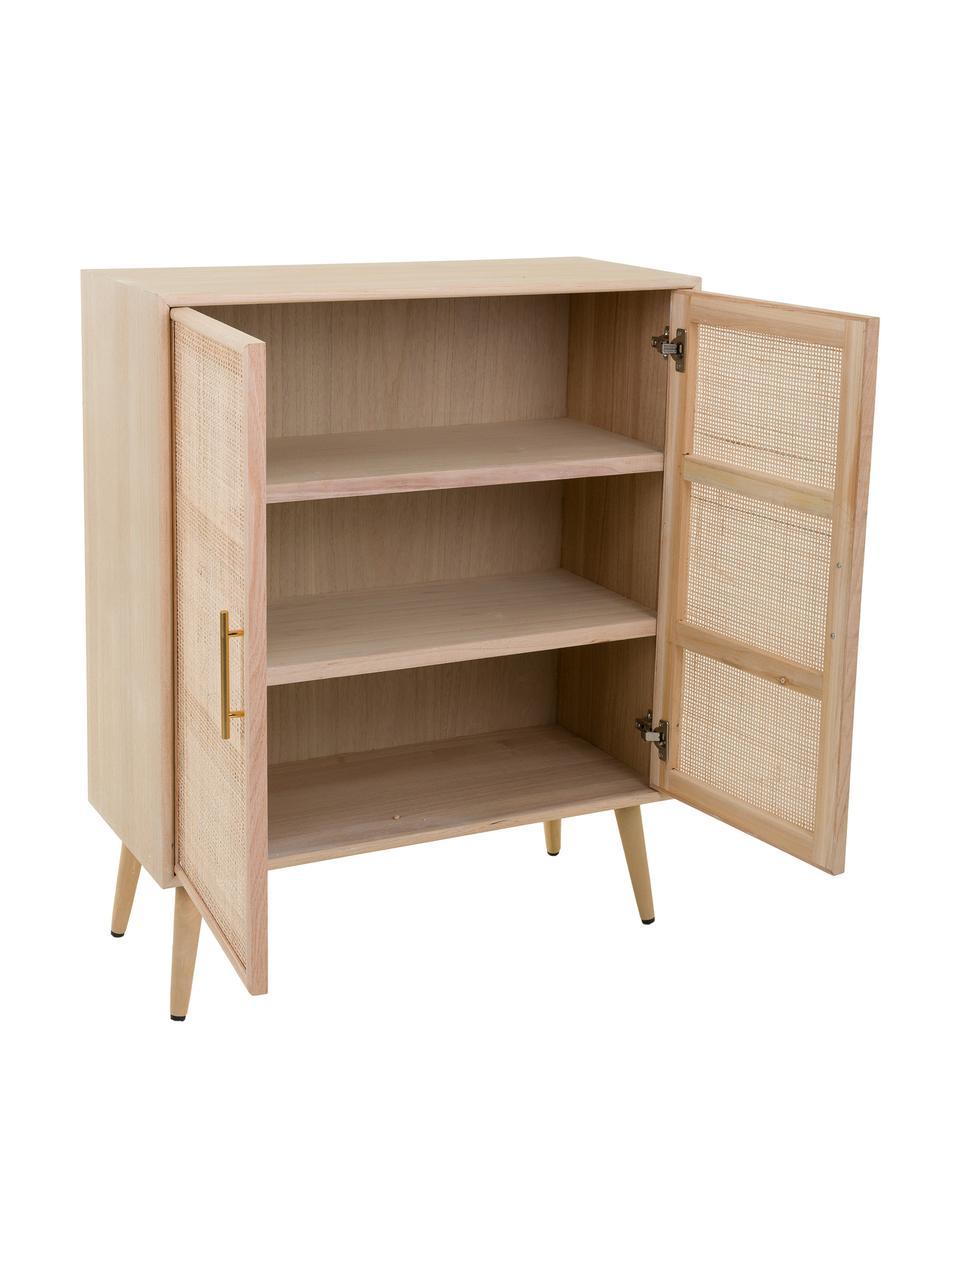 Dressoir Cayetana van hout, Frame: MDF, fineer, Handvatten: metaal, Poten: bamboehout, gelakt, Bruin, 80 x 101 cm